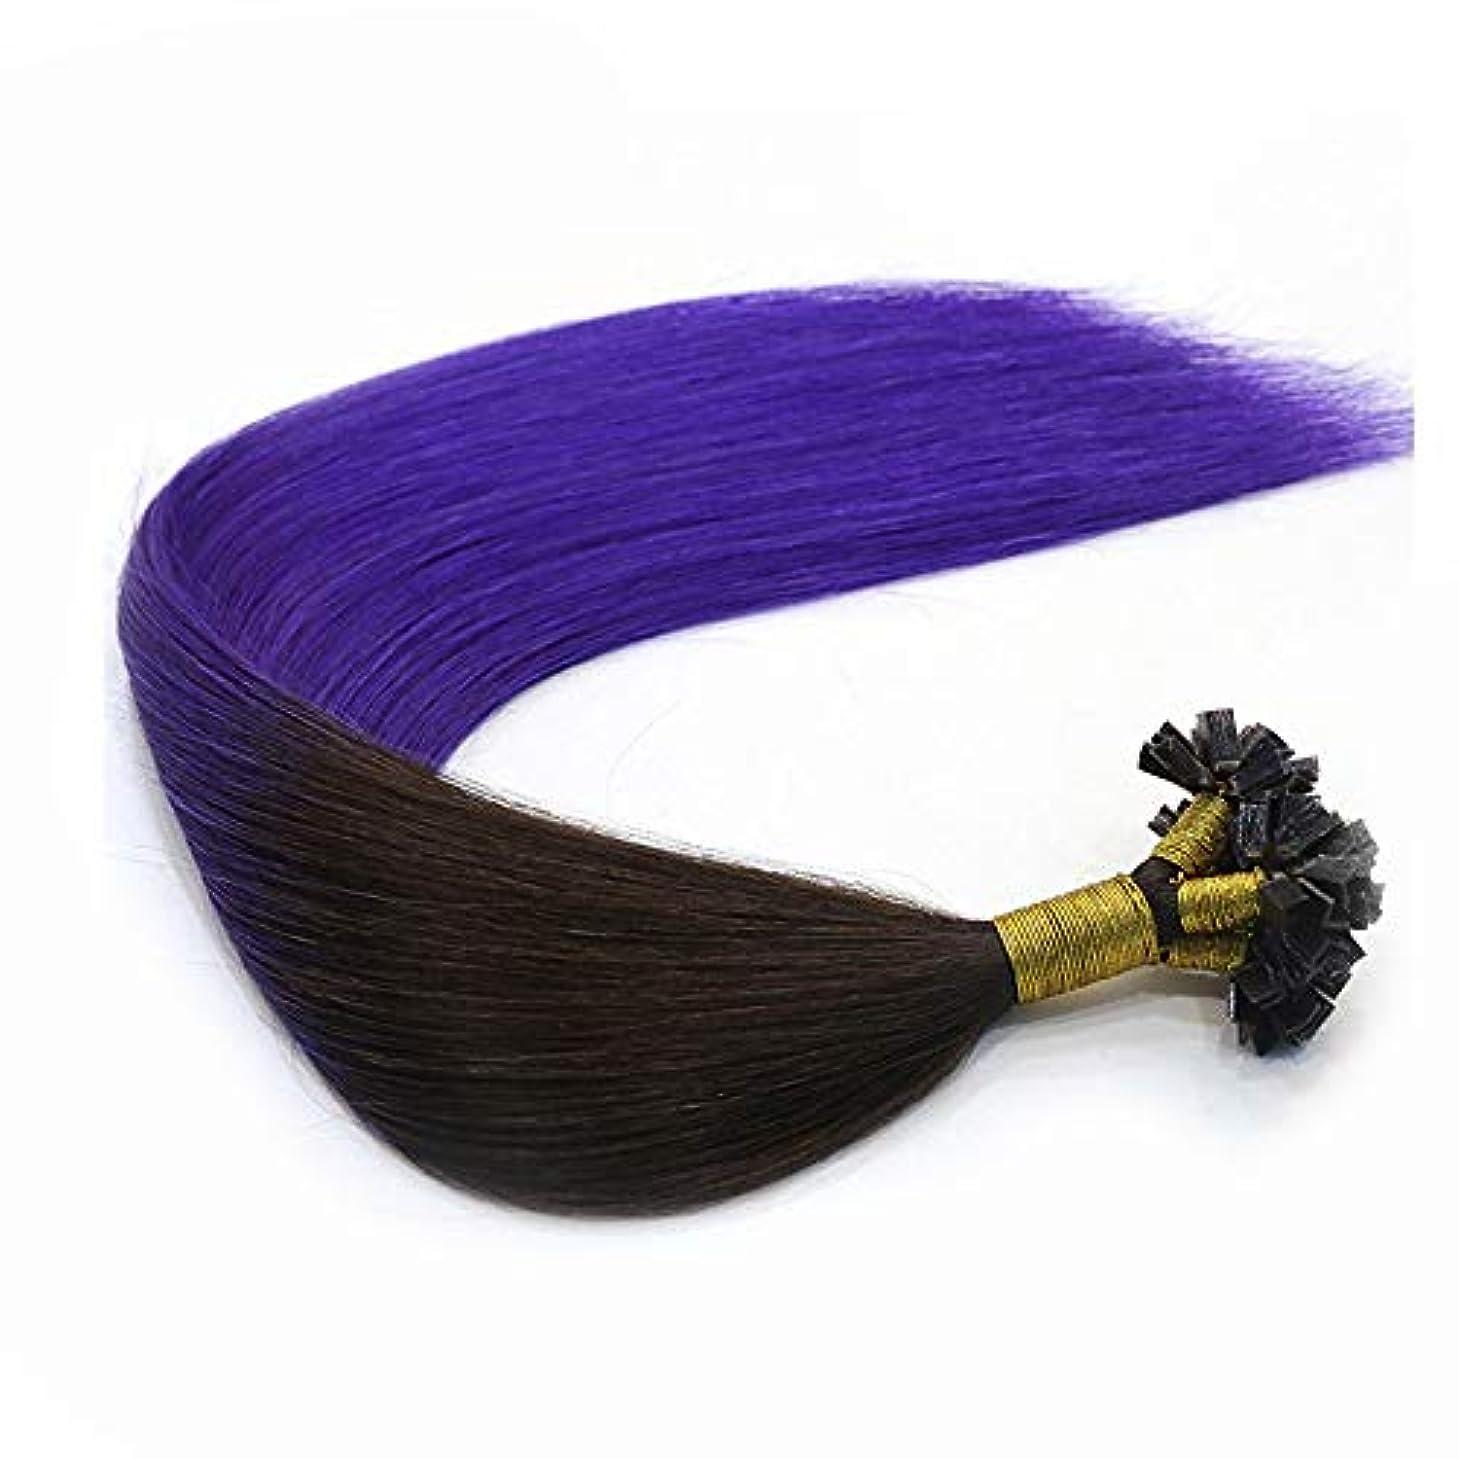 暖かさシャッター逃げるJULYTER ナノチップフュージョンヘアエクステンション100%粗人間の髪の毛オンブルブラックトゥブルーカラートゥルーナノリングヘア (色 : 青, サイズ : 26 inch)